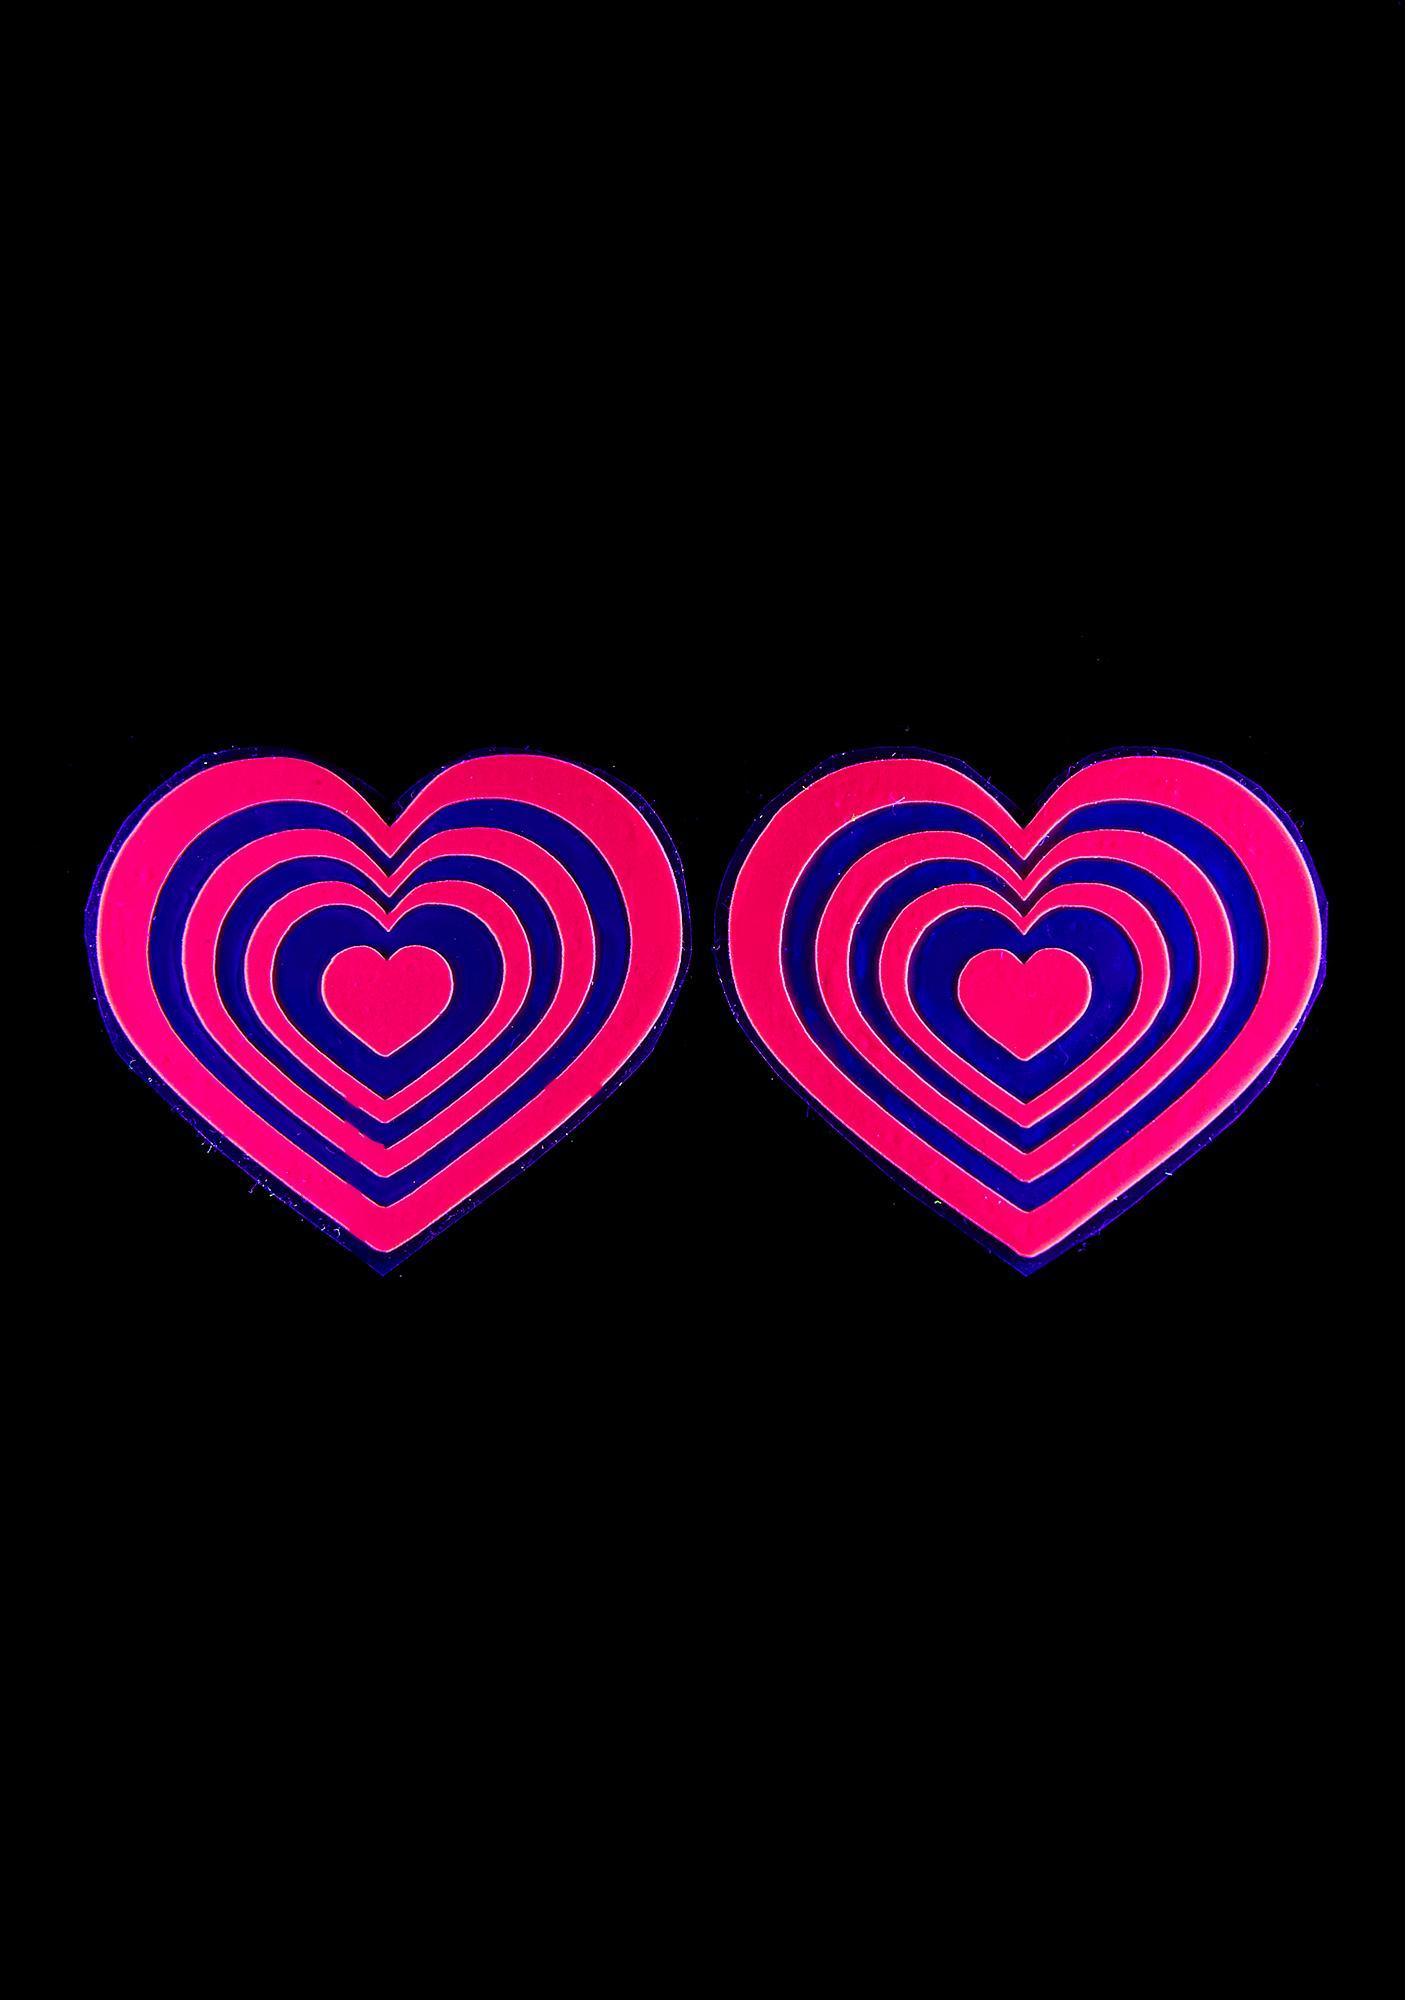 Sasswear Reflective Heart Pasties